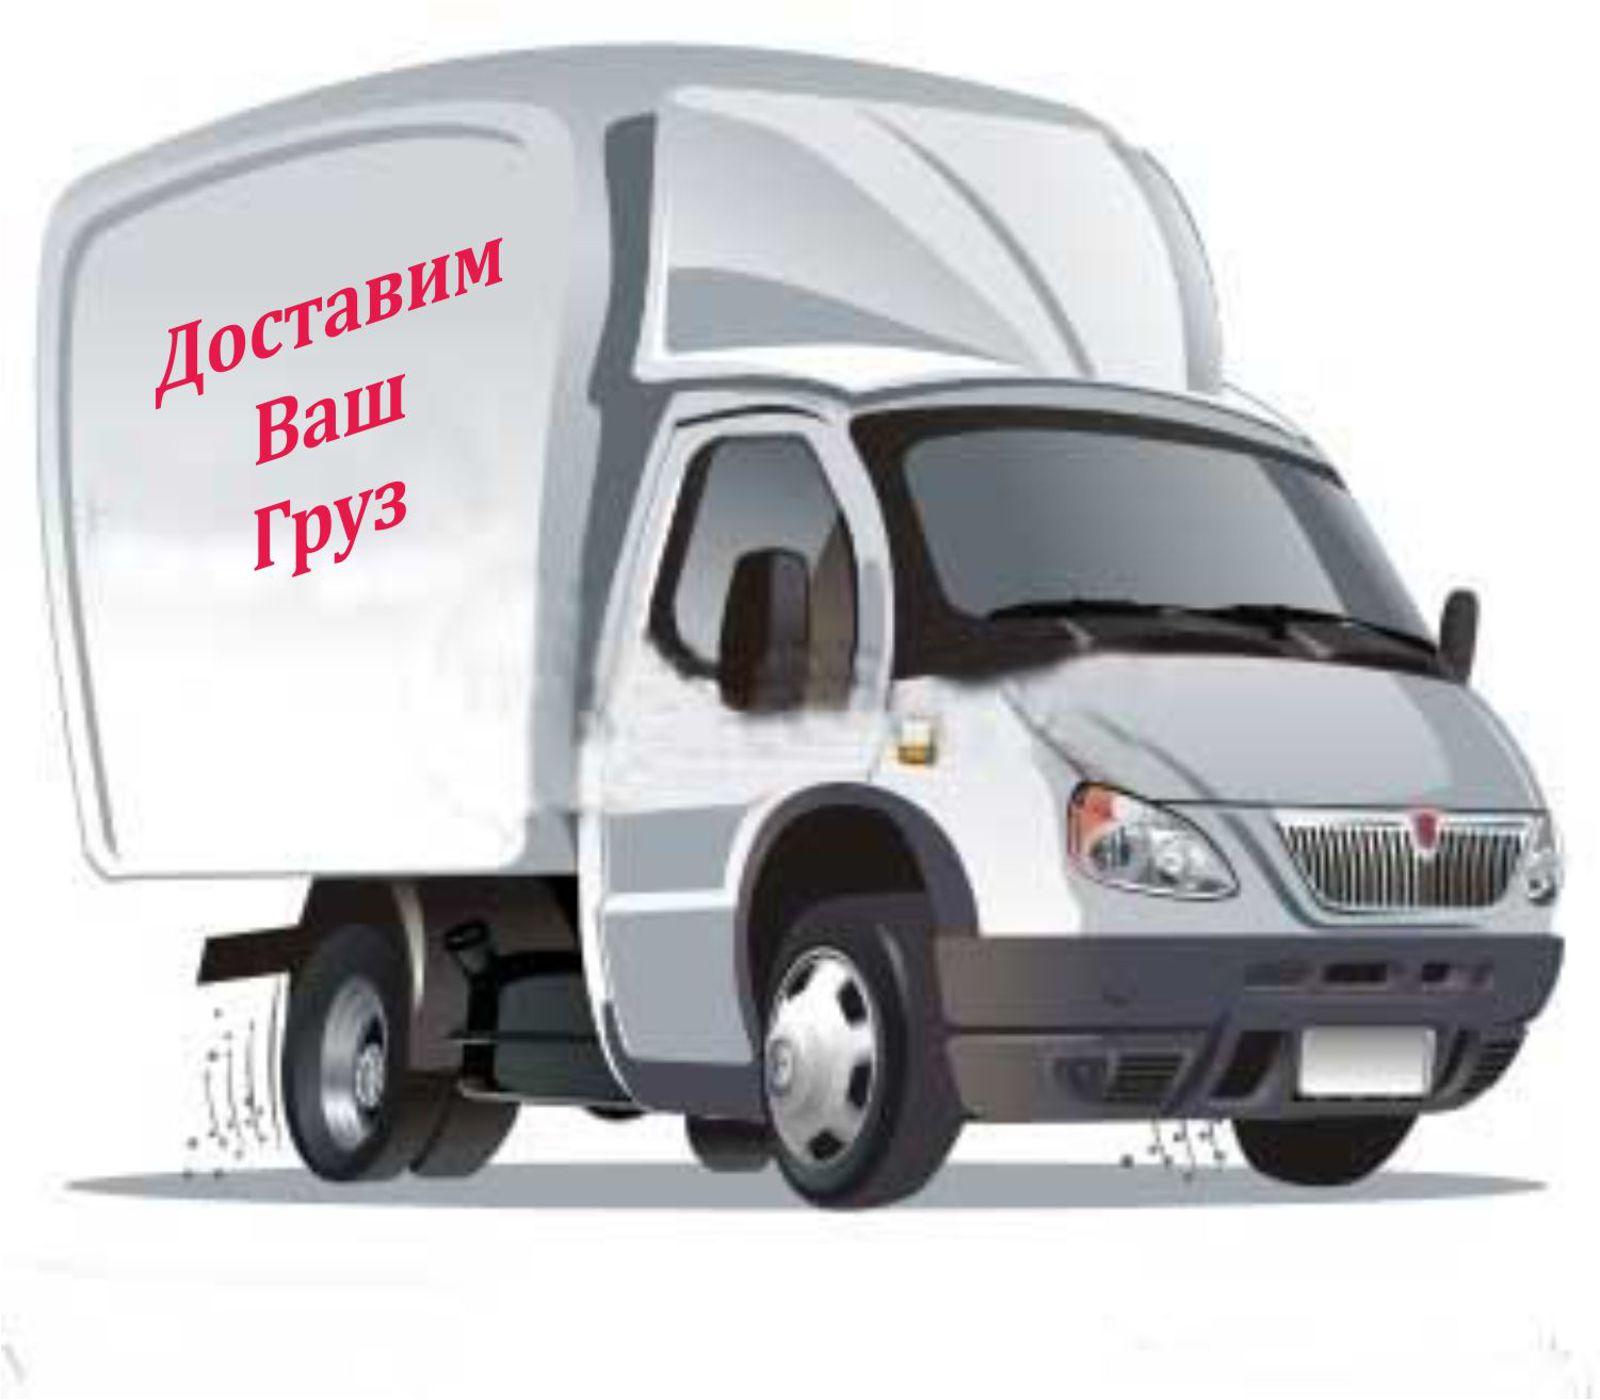 Изображения и анимация на колесах вашего автомобиля wtyf 5